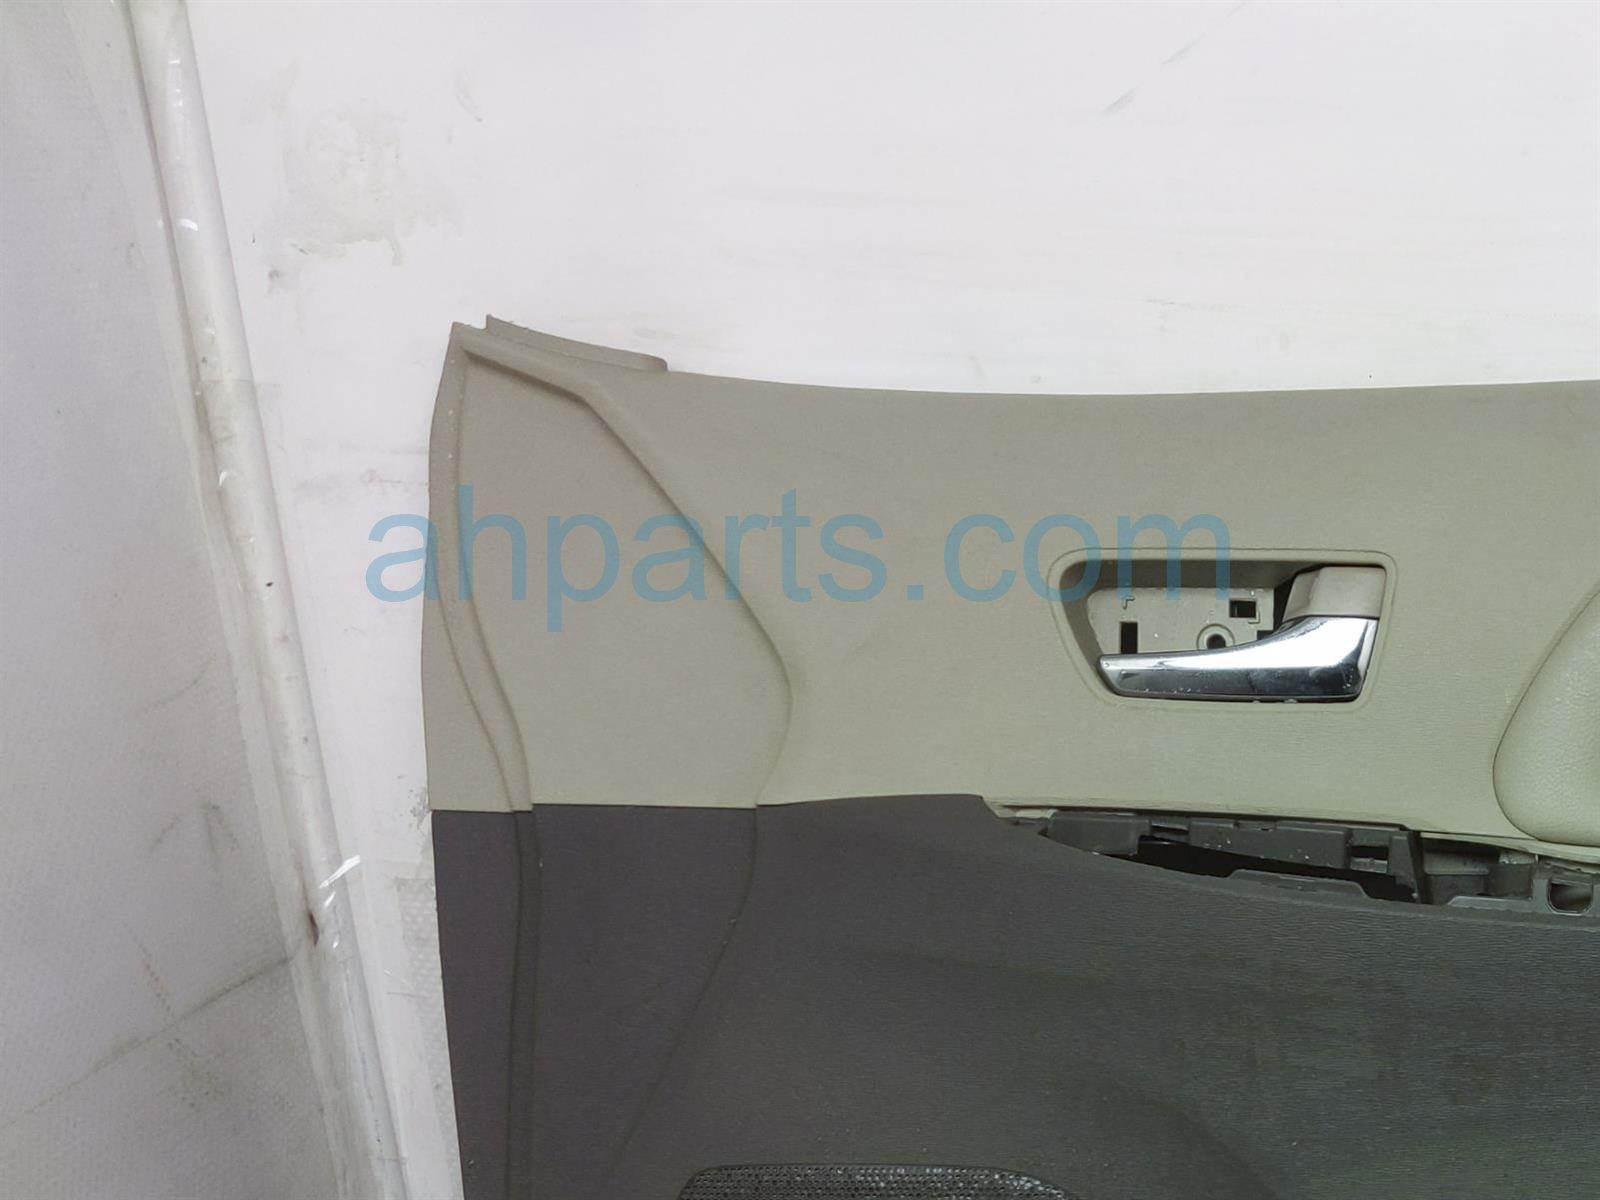 2013 Toyota Sienna Trim Liner Front Passenger Interior Door Panel   Tan/grey 67610 08103 Replacement